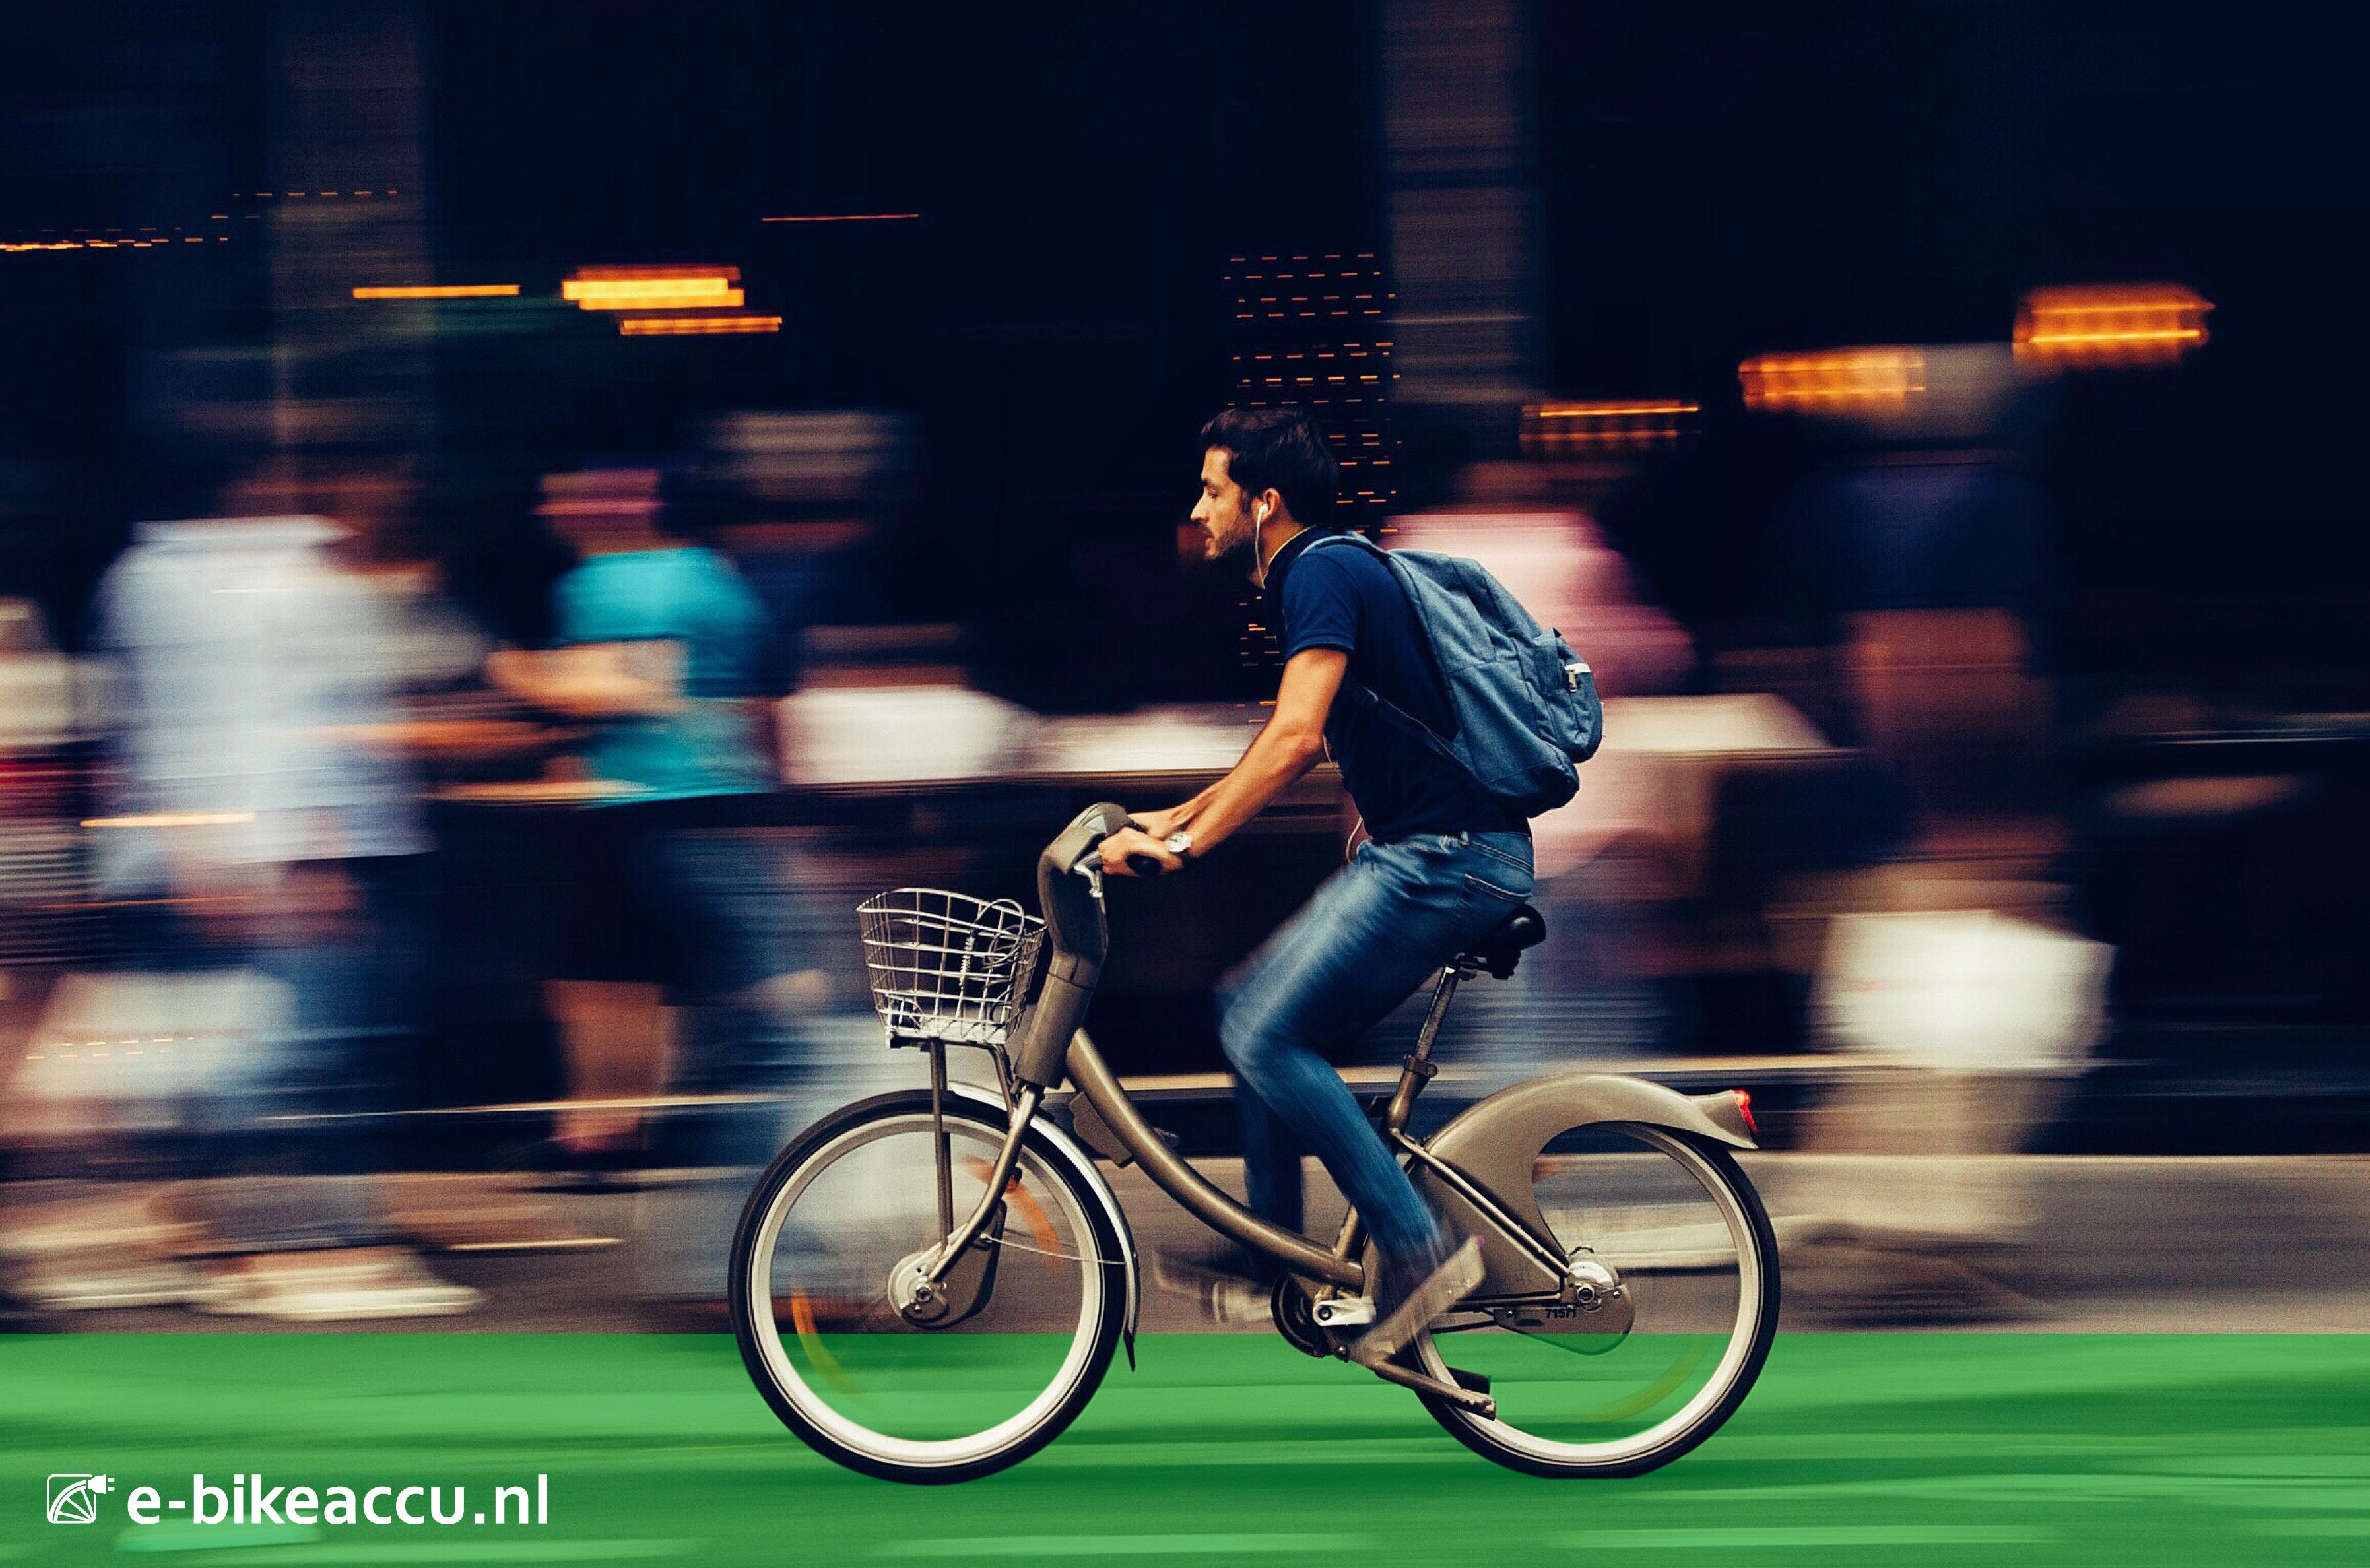 Maak de juiste keuze voor uw elektrische fiets